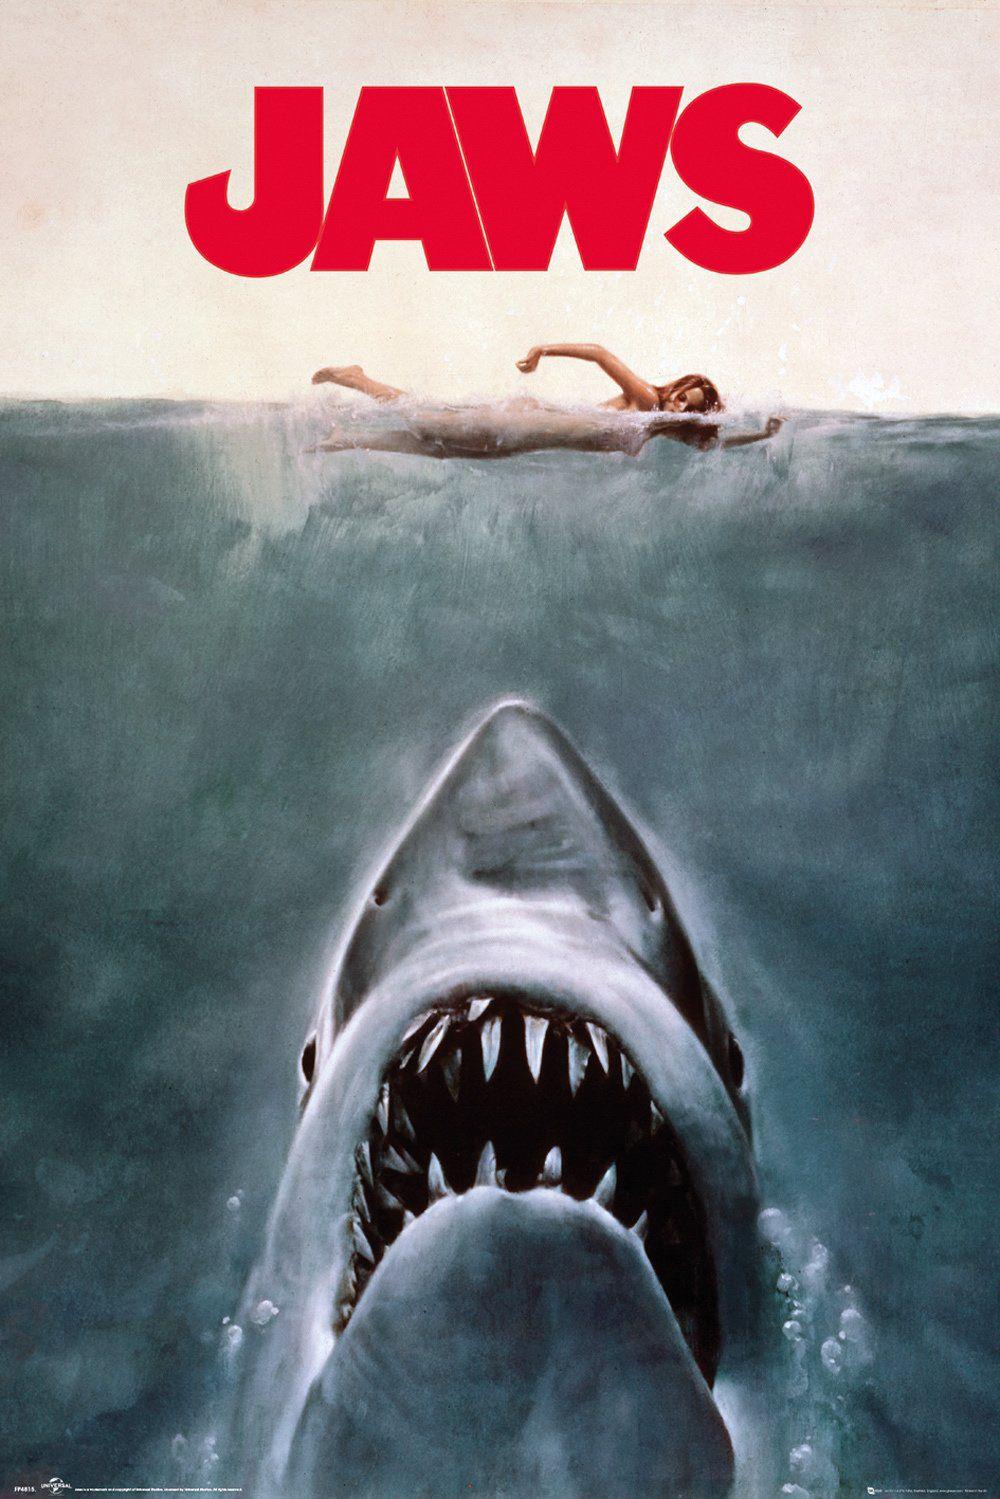 Der Weisse Hai Poster Jaws Key Art Weisser Hai Posterdrucke Kunst Poster